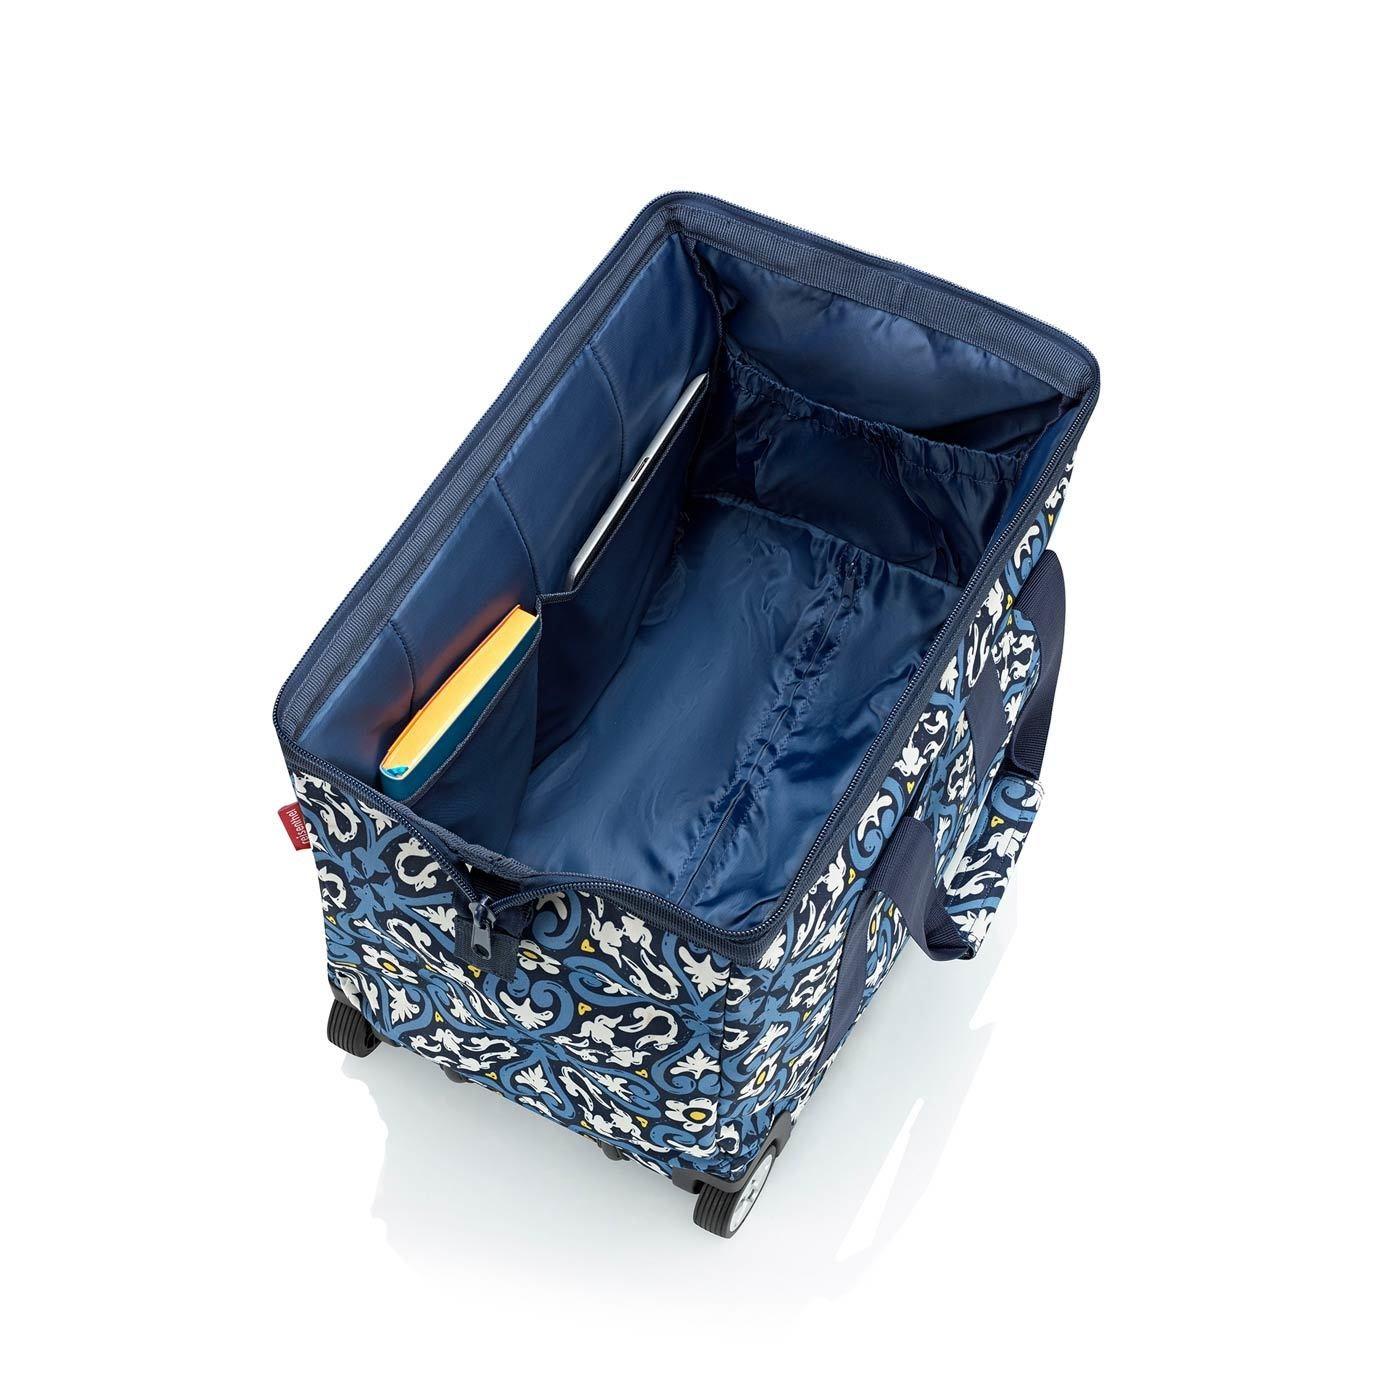 Cestovní taška na kolečkách Allrounder trolley floral 1_1